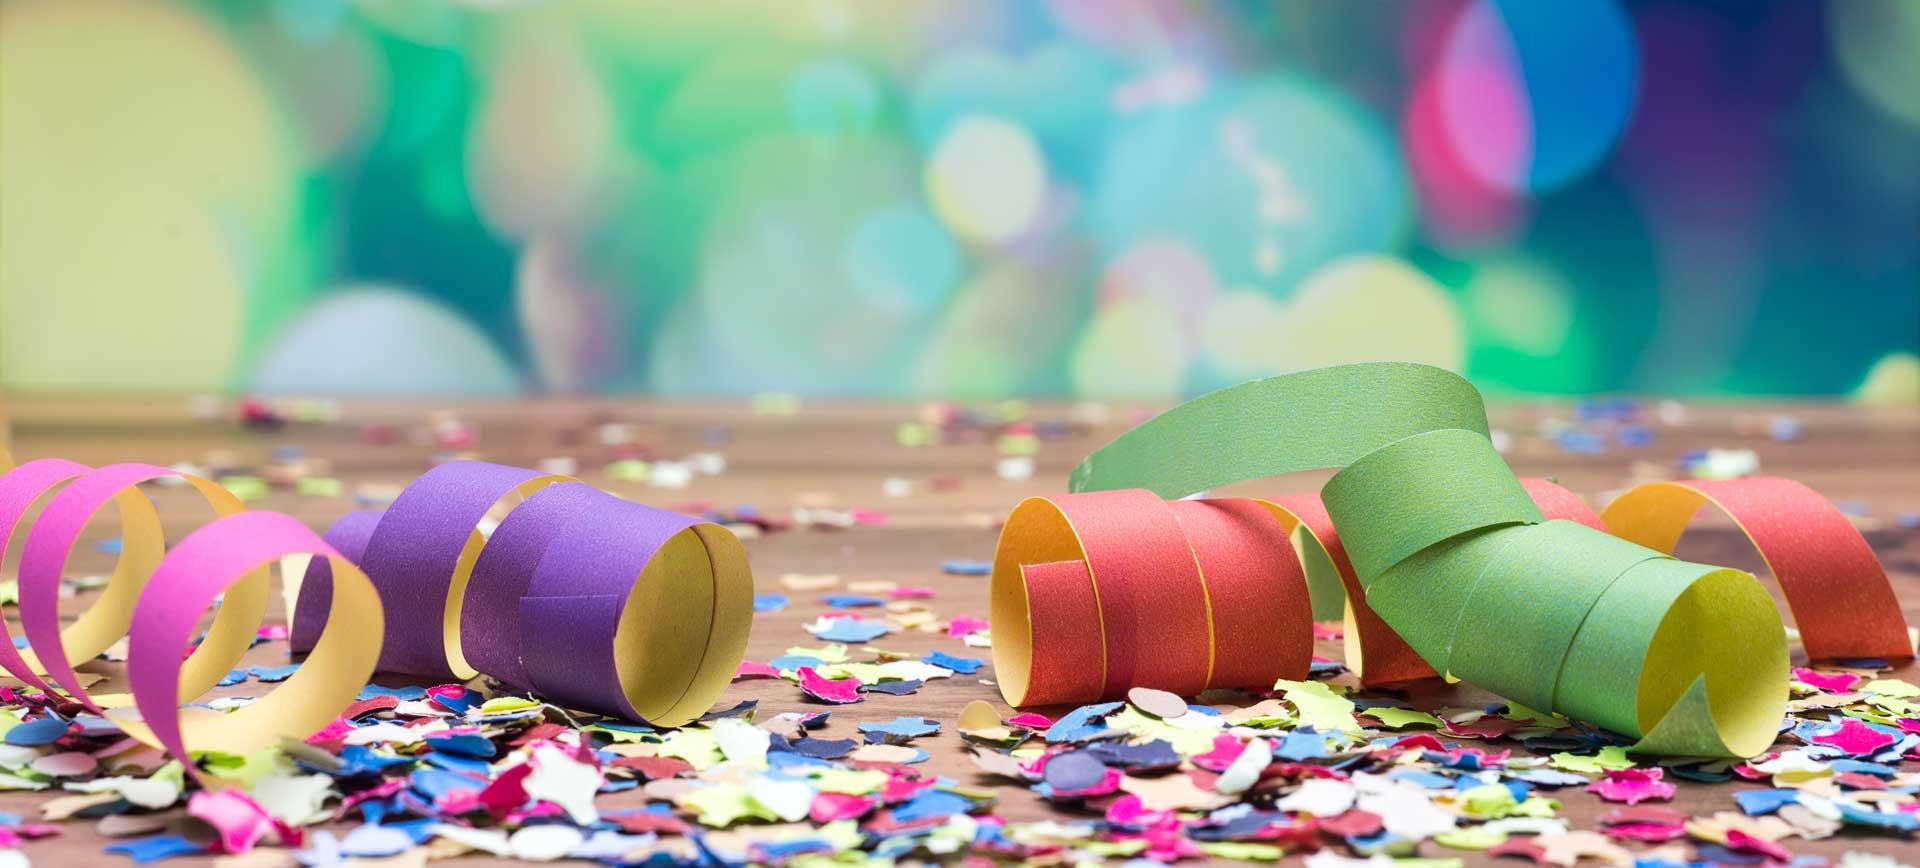 Geburtstagsfeier  Die besten Deko Ideen für Geburtstagsfeier